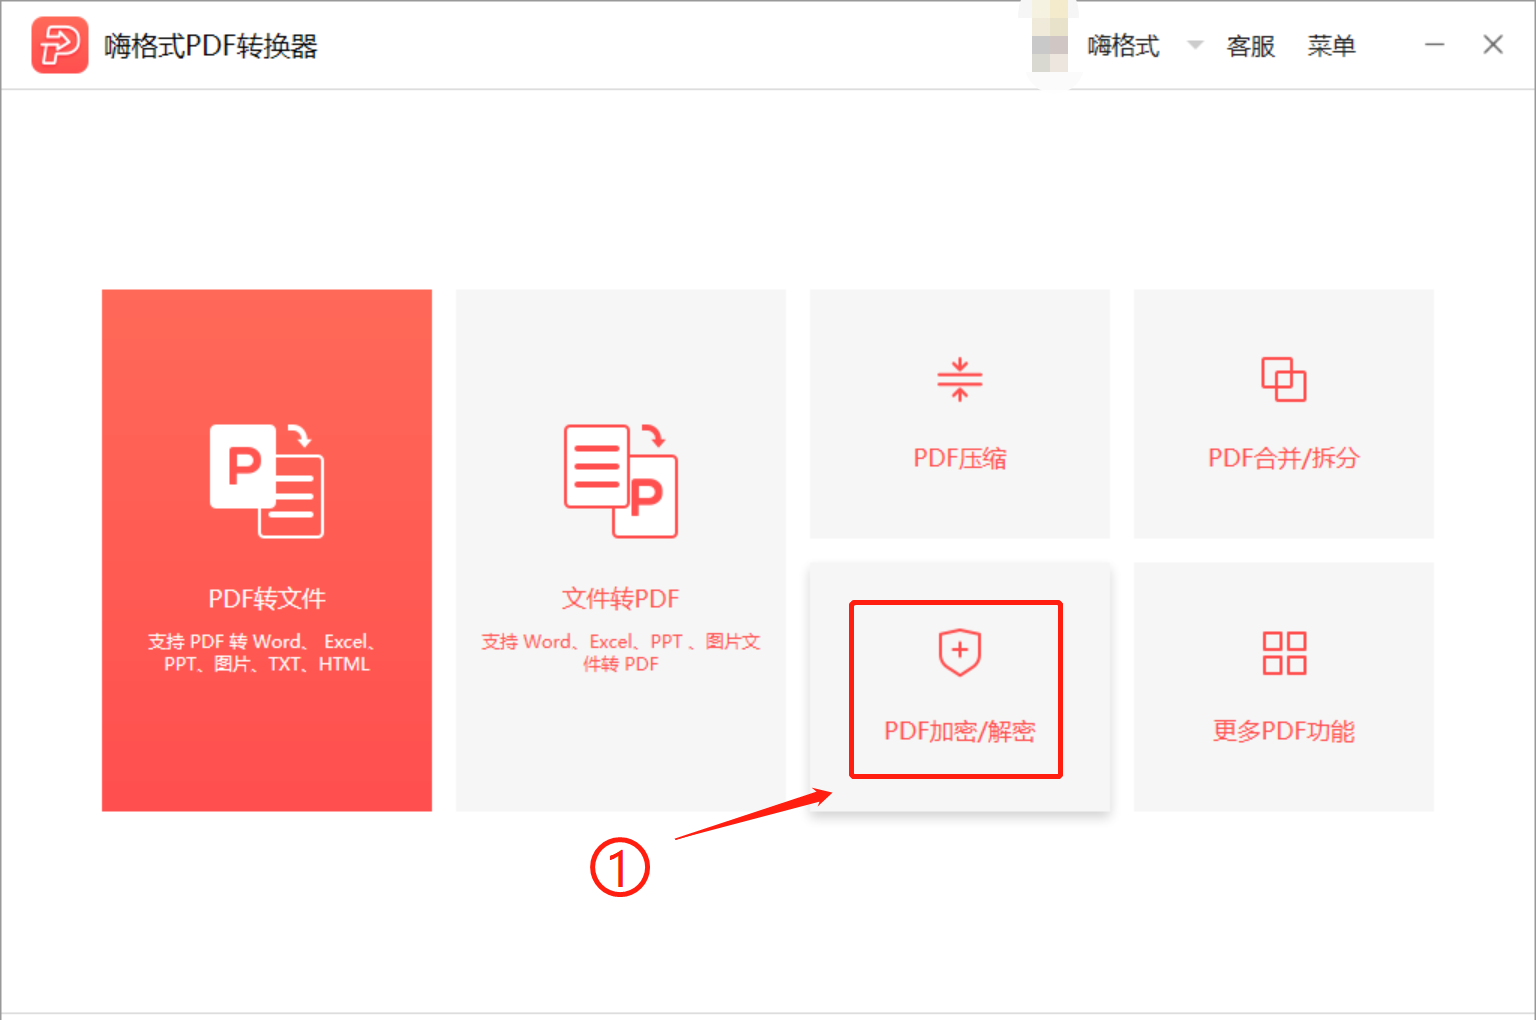 PDF加密教程